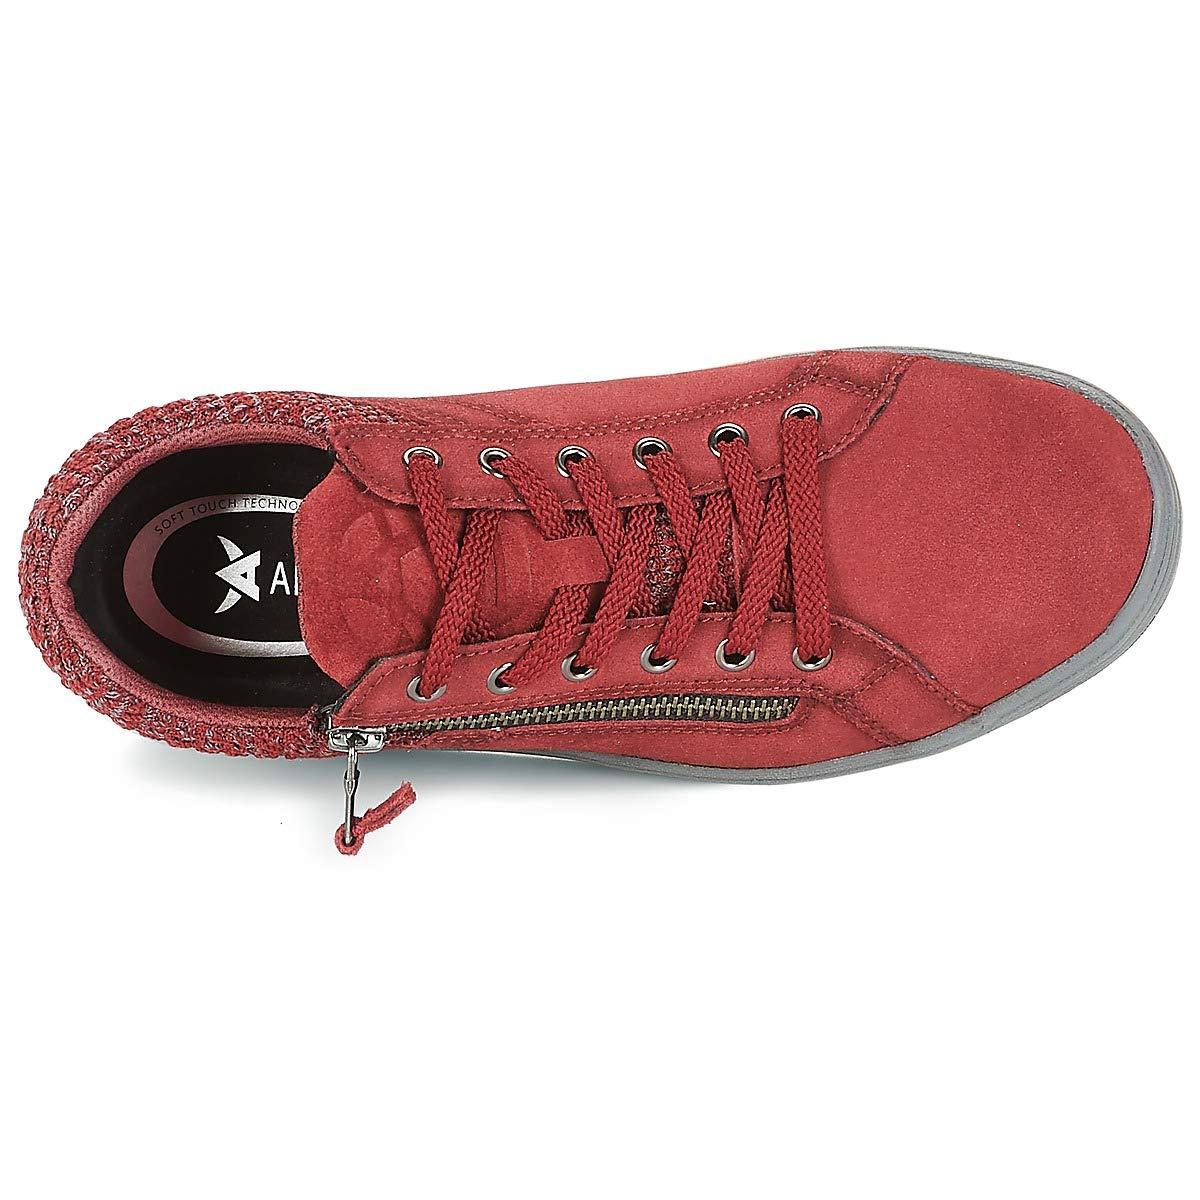 Zapatillas de Running para Mujer Allrounder by Mephisto Madrigal